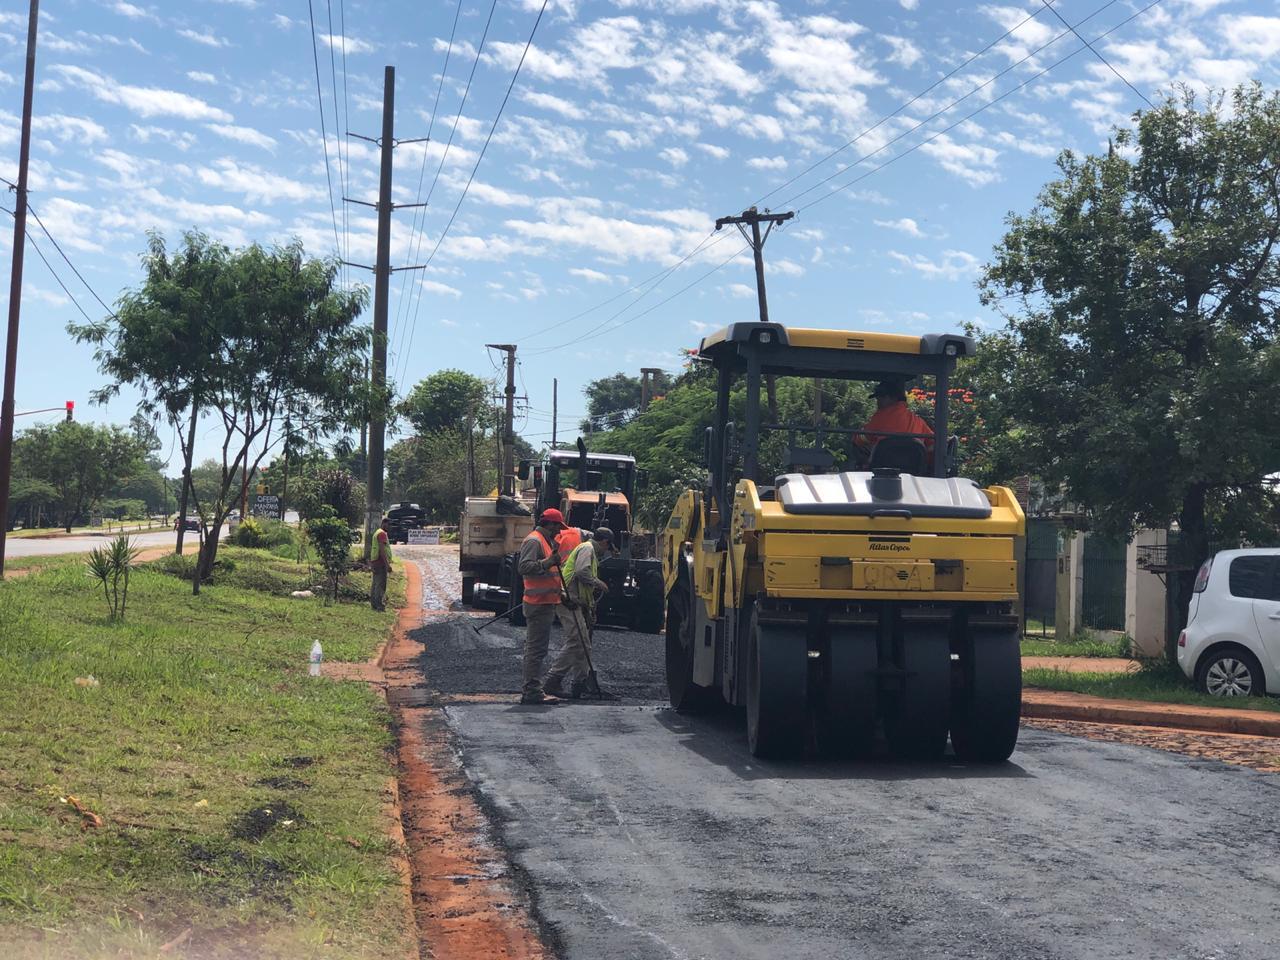 Con fuerte respaldo del Estado provincial, Vialidad sigue avanzando con obras en Posadas